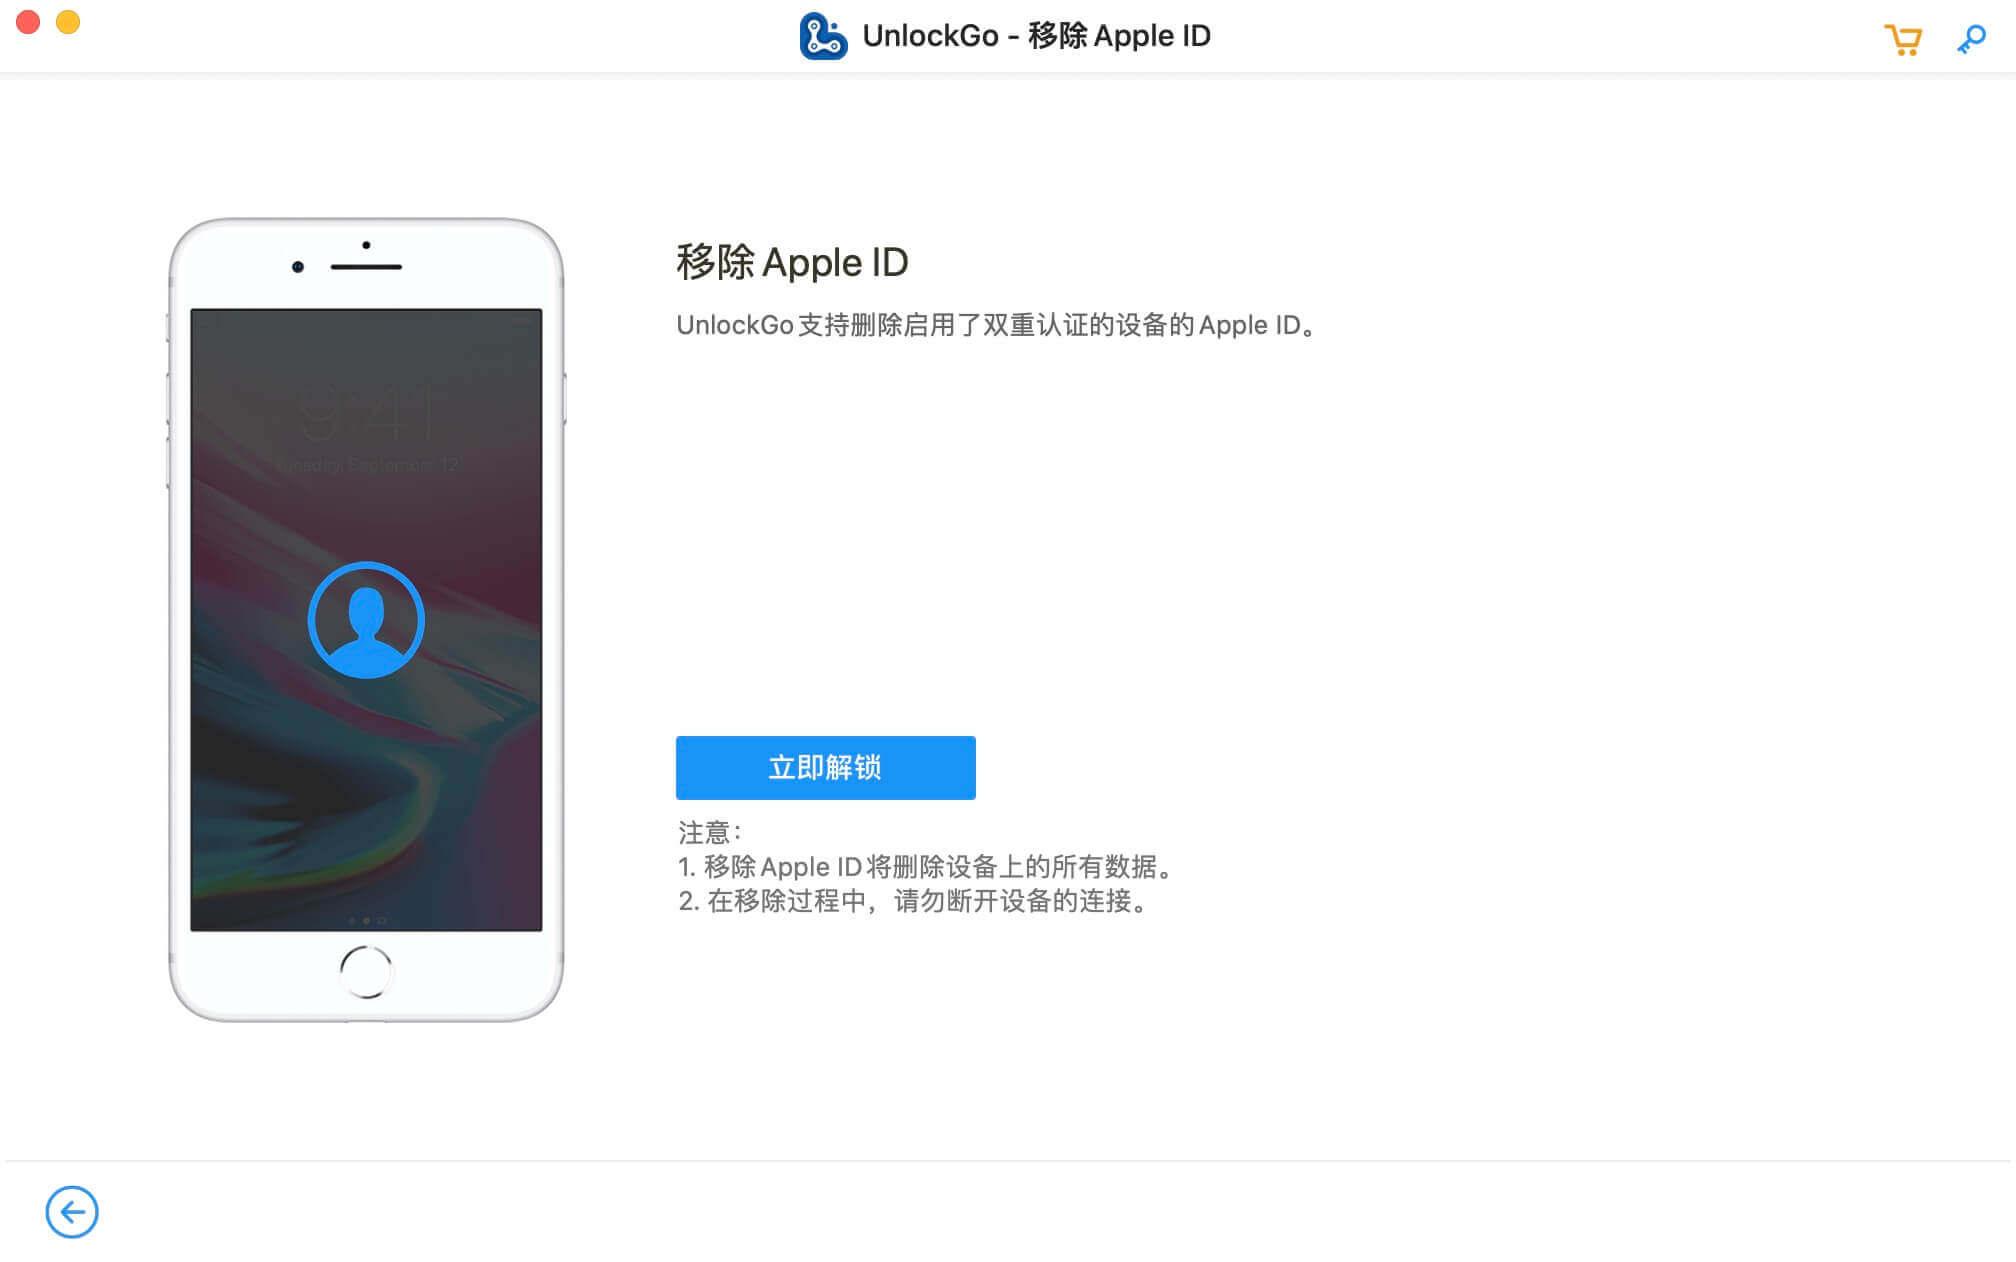 《忘记苹果 Apple ID 密码怎么退出登录》